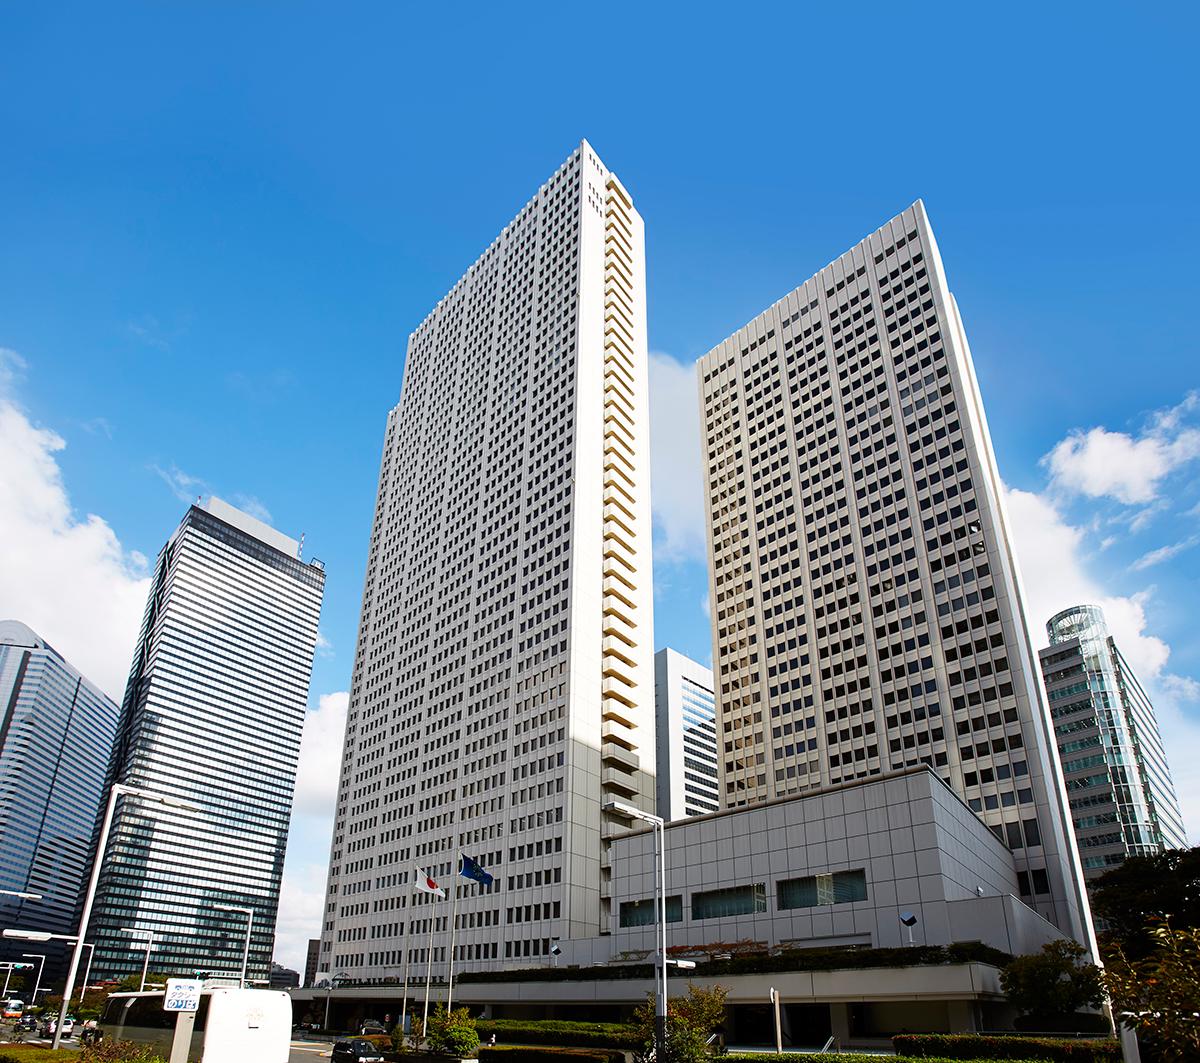 京王、新宿の京王プラザホテルにサテライトオフィス ―5月2日に開業、4店舗目で都心は初